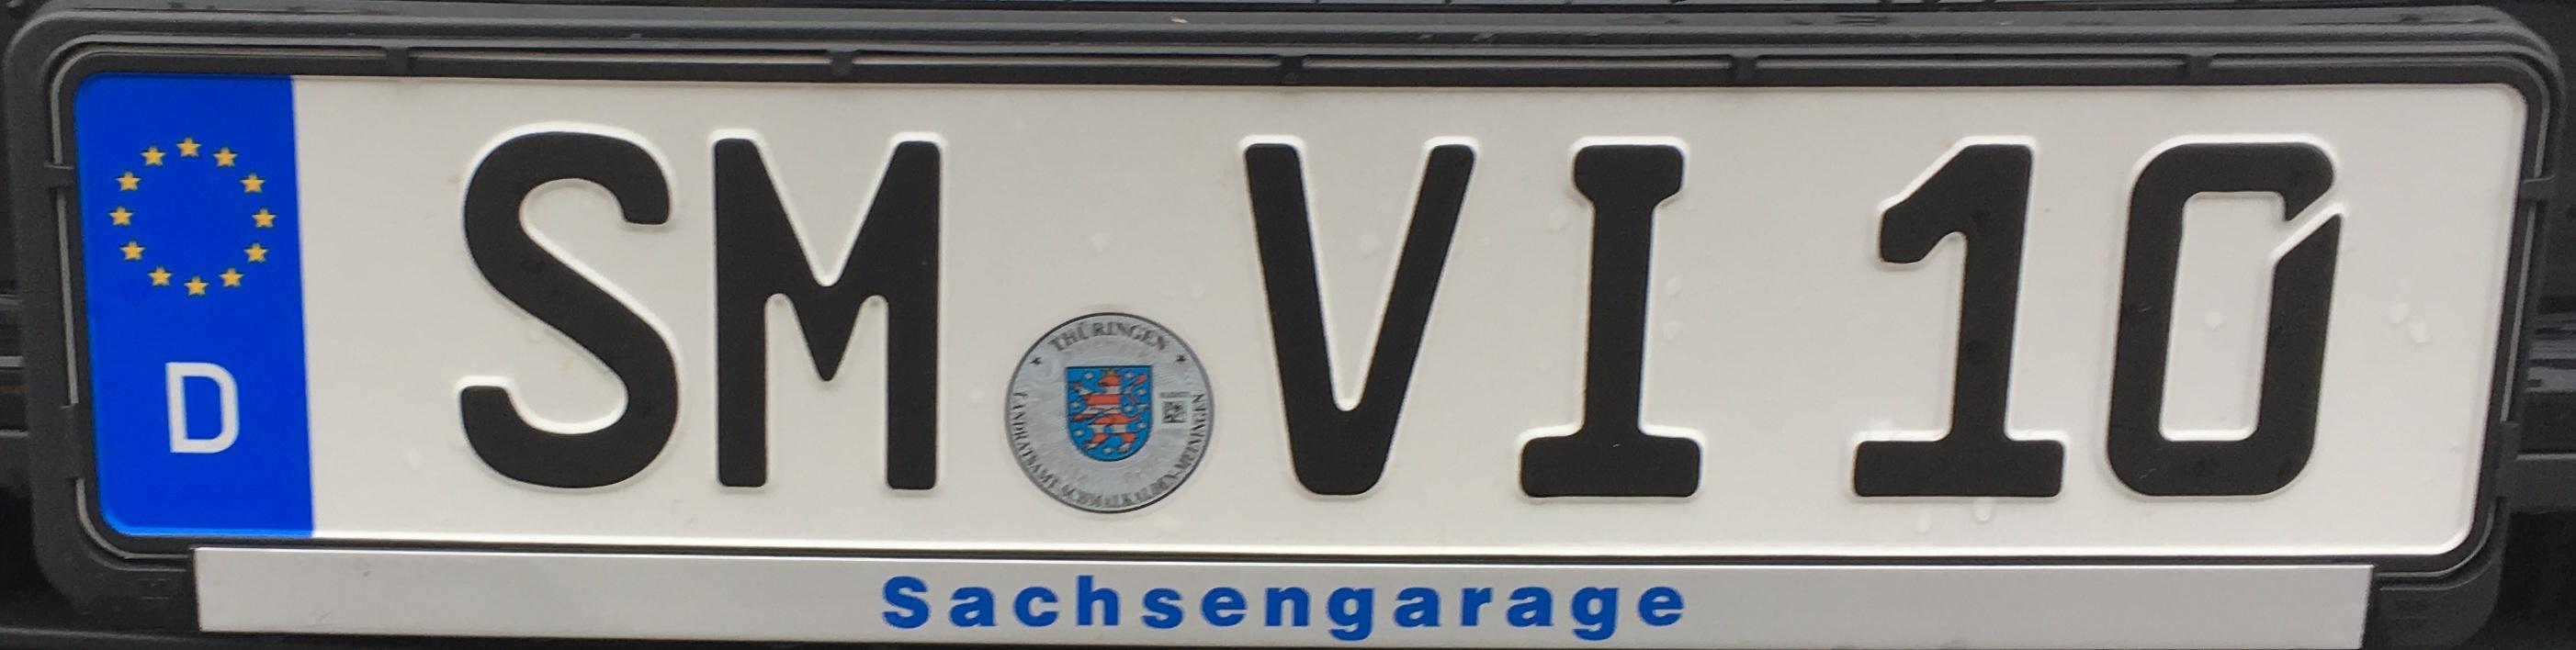 Registrační značka Německo - SM - Schmalkalden-Meiningen, foto: www.podalnici.cz